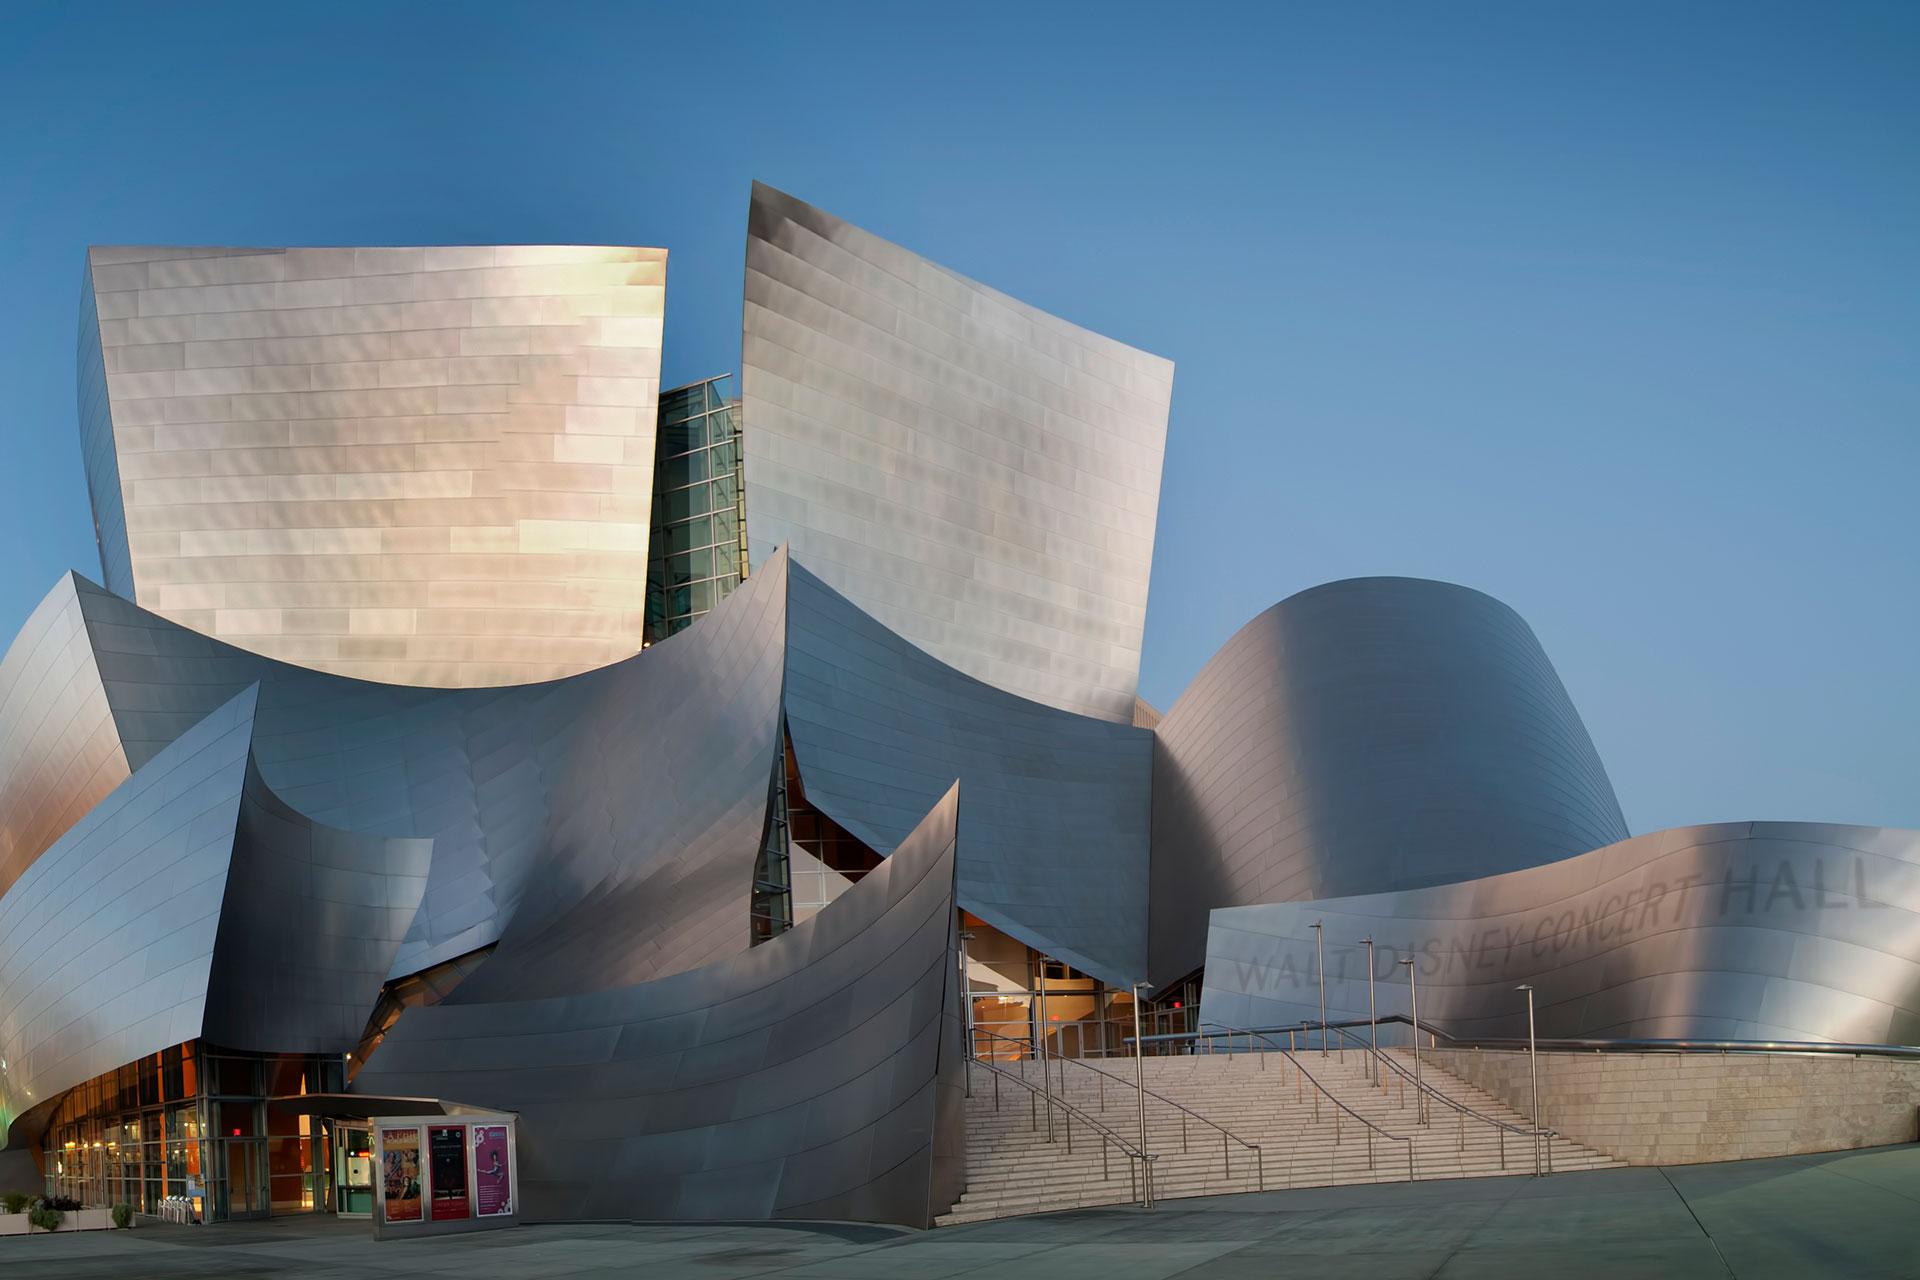 About The Walt Disney Concert Hall La Phil